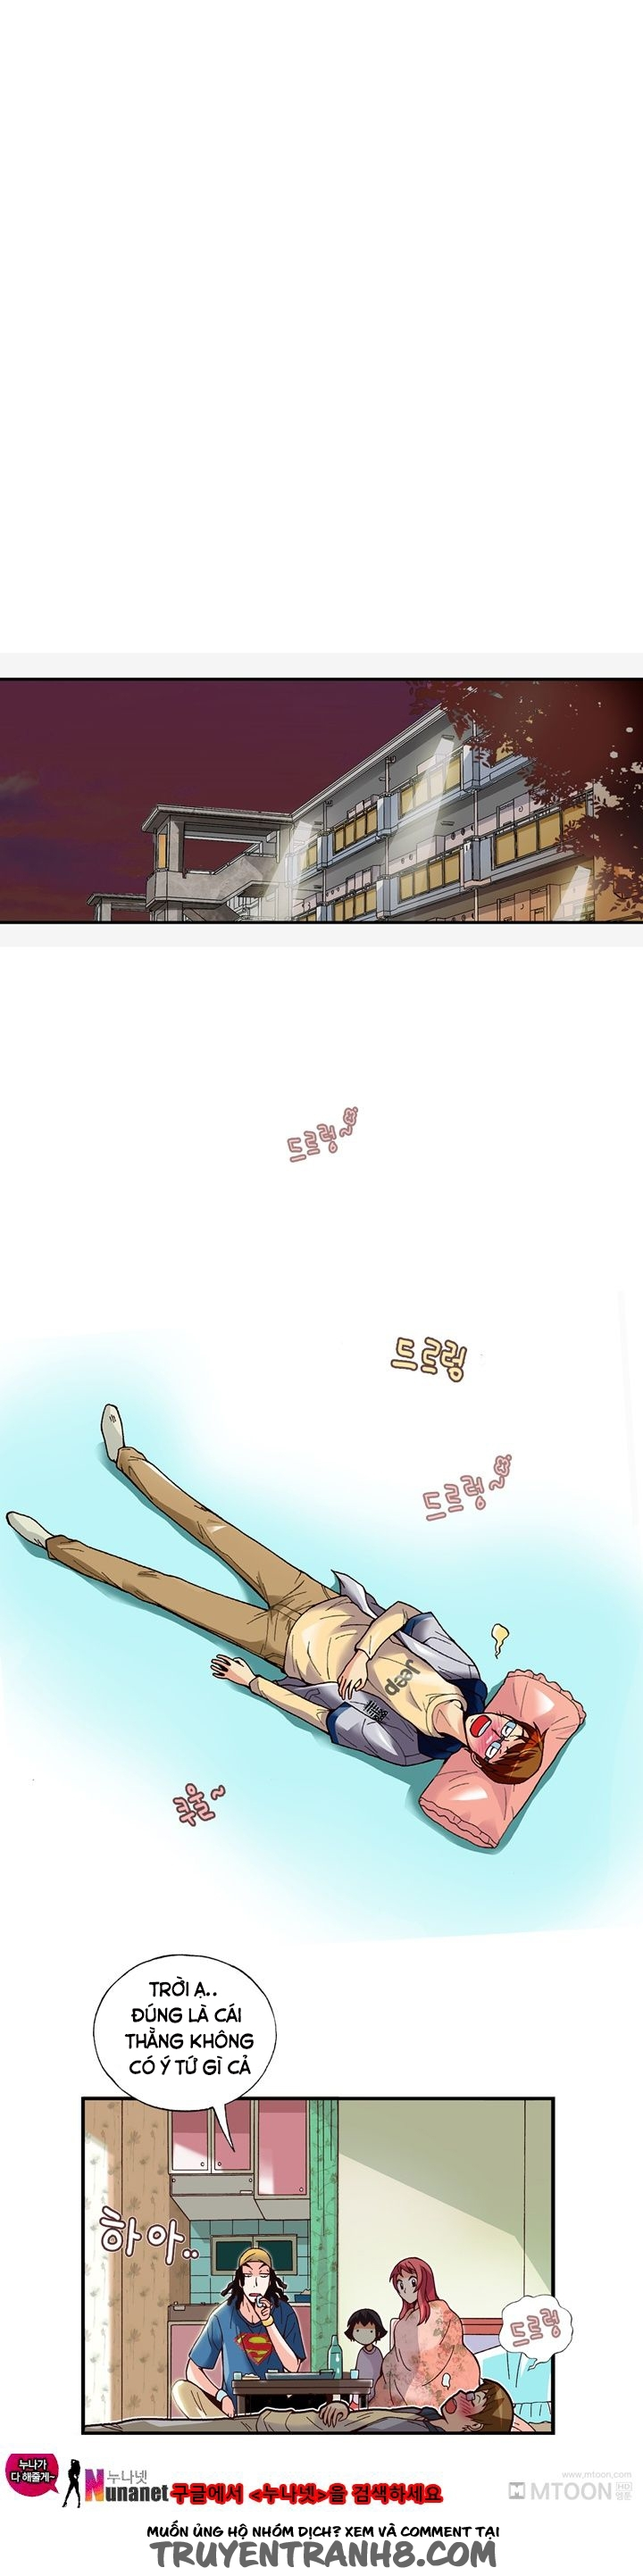 Hình ảnh 16 trong bài viết [Siêu phẩm] Hentai Màu Xin lỗi tớ thật dâm đãng